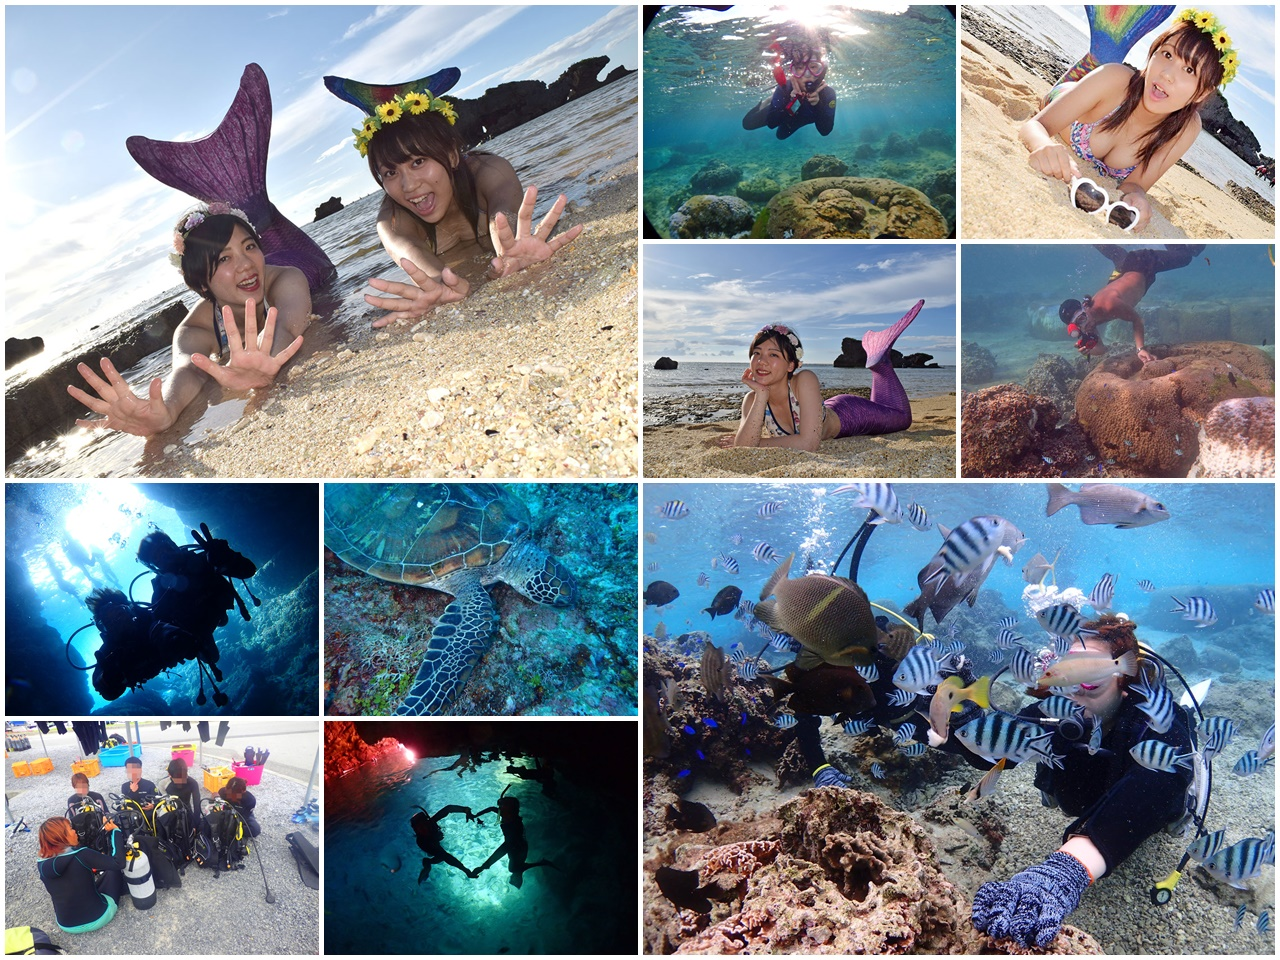 沖繩青之洞窟潛水.My Diving,深潛、浮潛、美人魚體驗,海邊玩翻天!